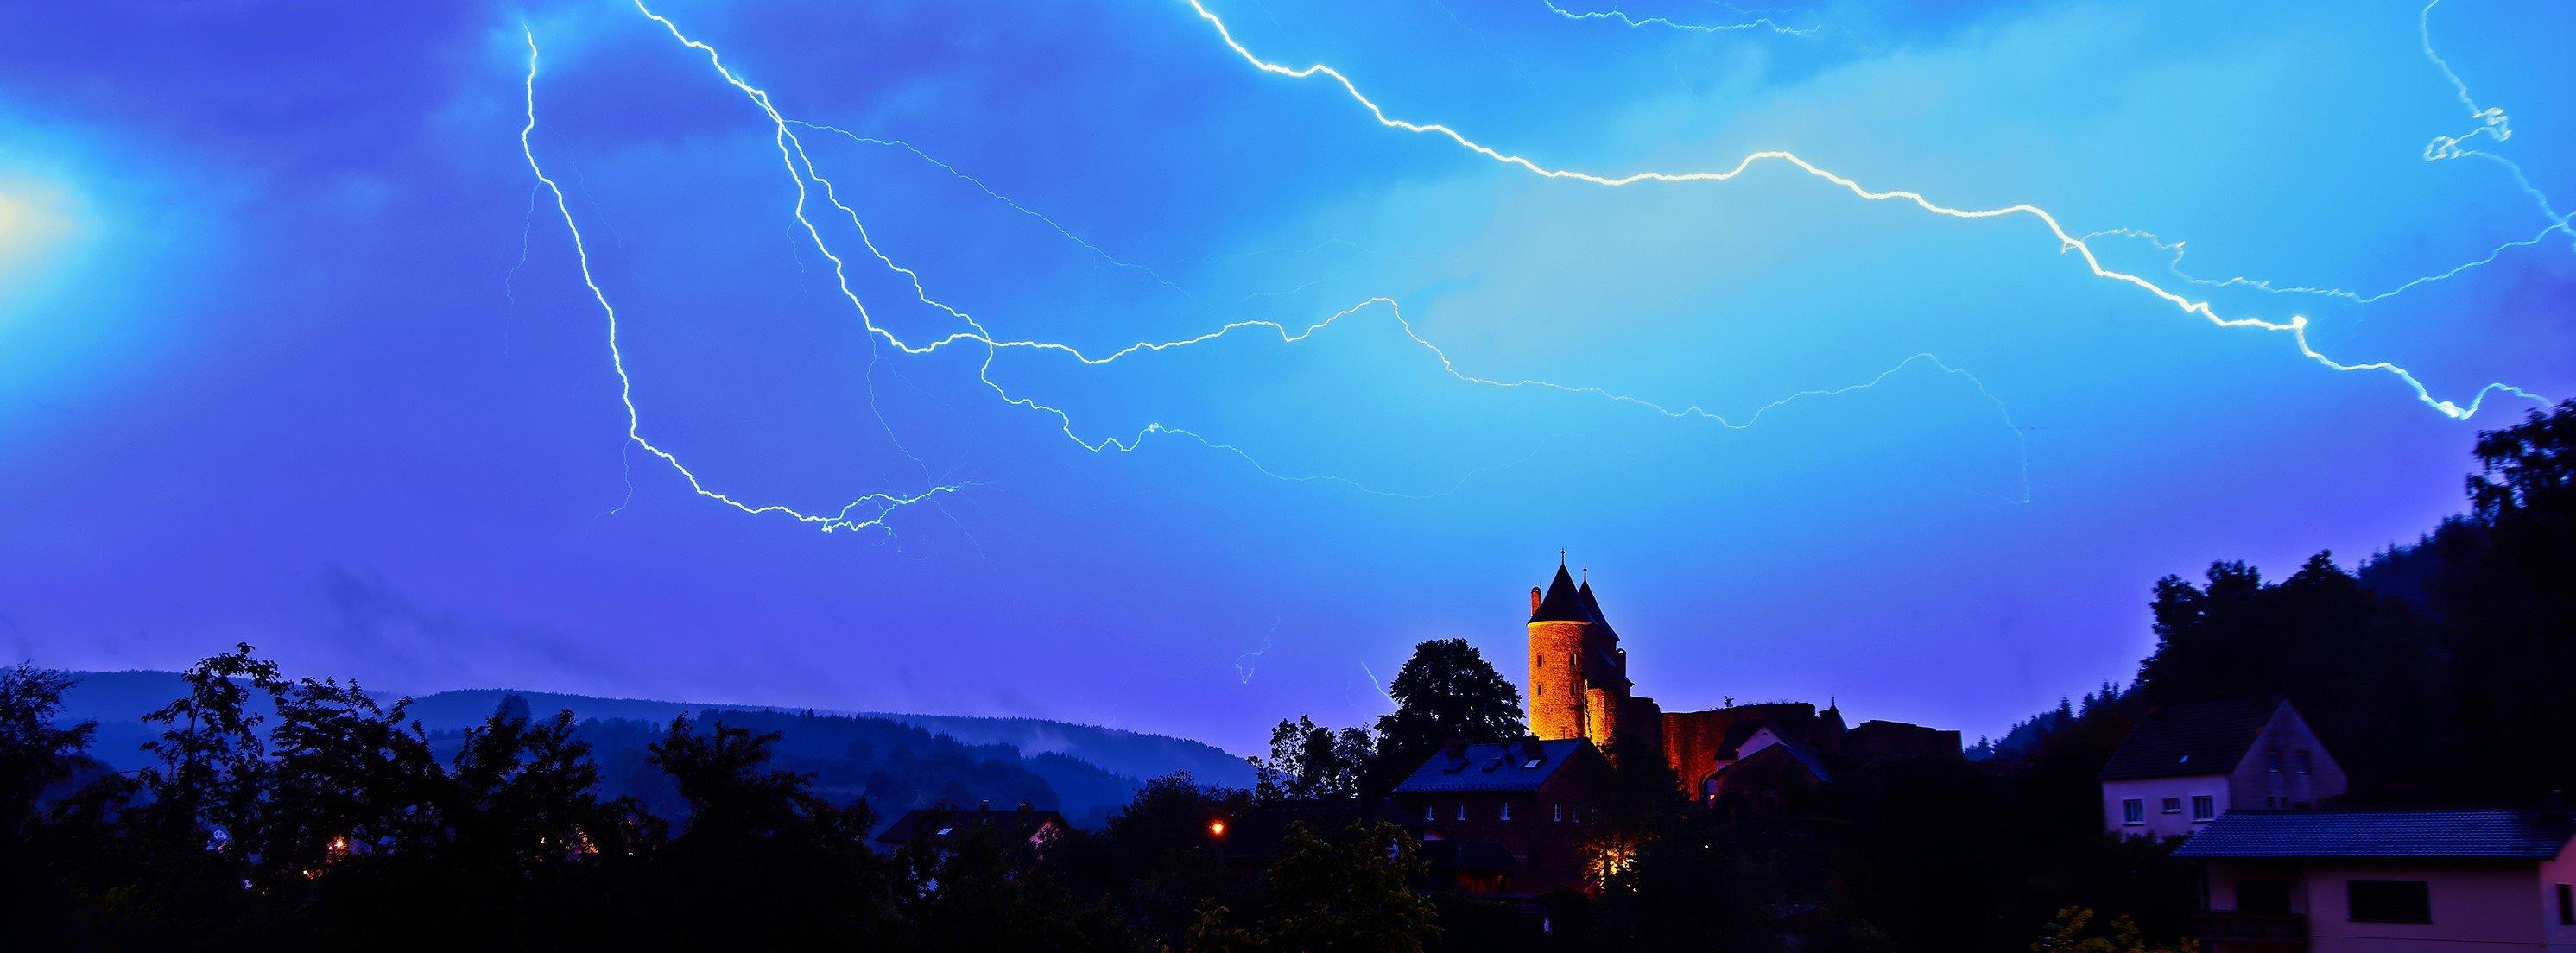 Von Mai bis August erhellen insgesamt etwa zwei bis drei Millionen Blitze den Himmel. Quelle: WetterOnline